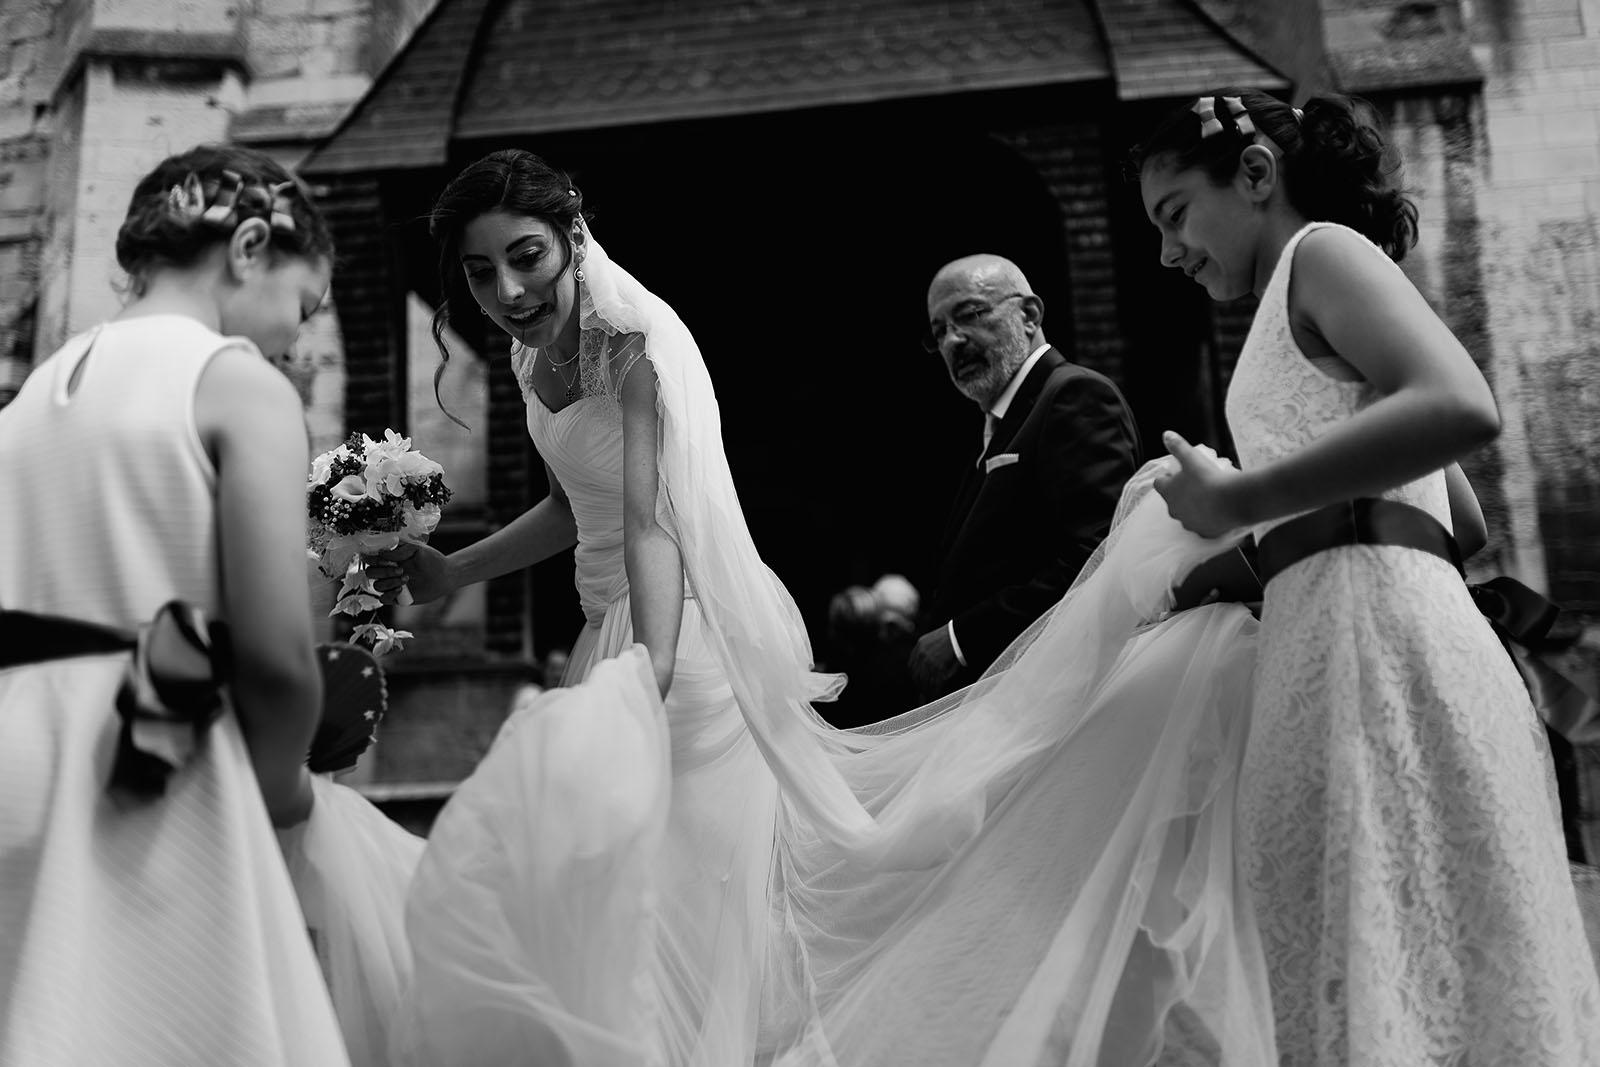 Mariage au Manoir de Corny en Normandie. Les demoiselles d'honneur remettent correctement la robe de la mariée